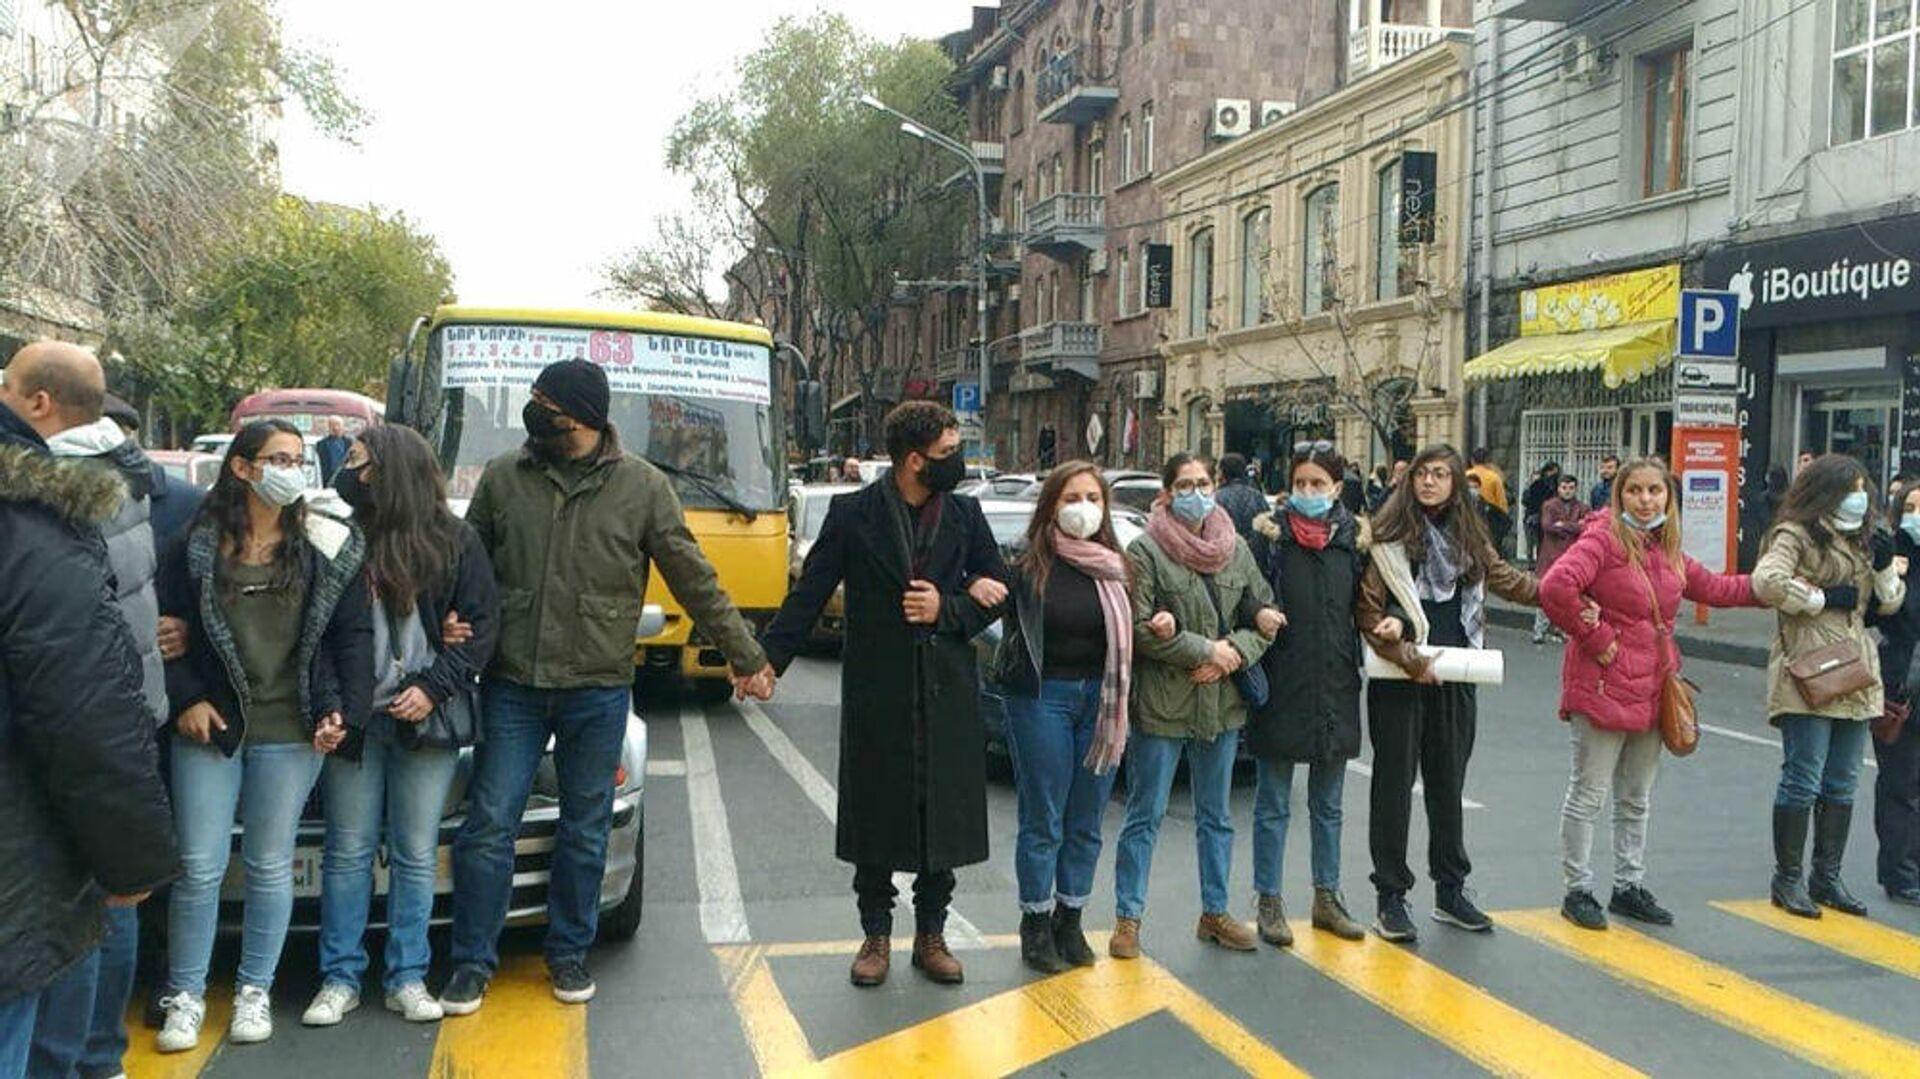 Протестующие перекрывают улицу в Ереване - РИА Новости, 1920, 19.11.2020